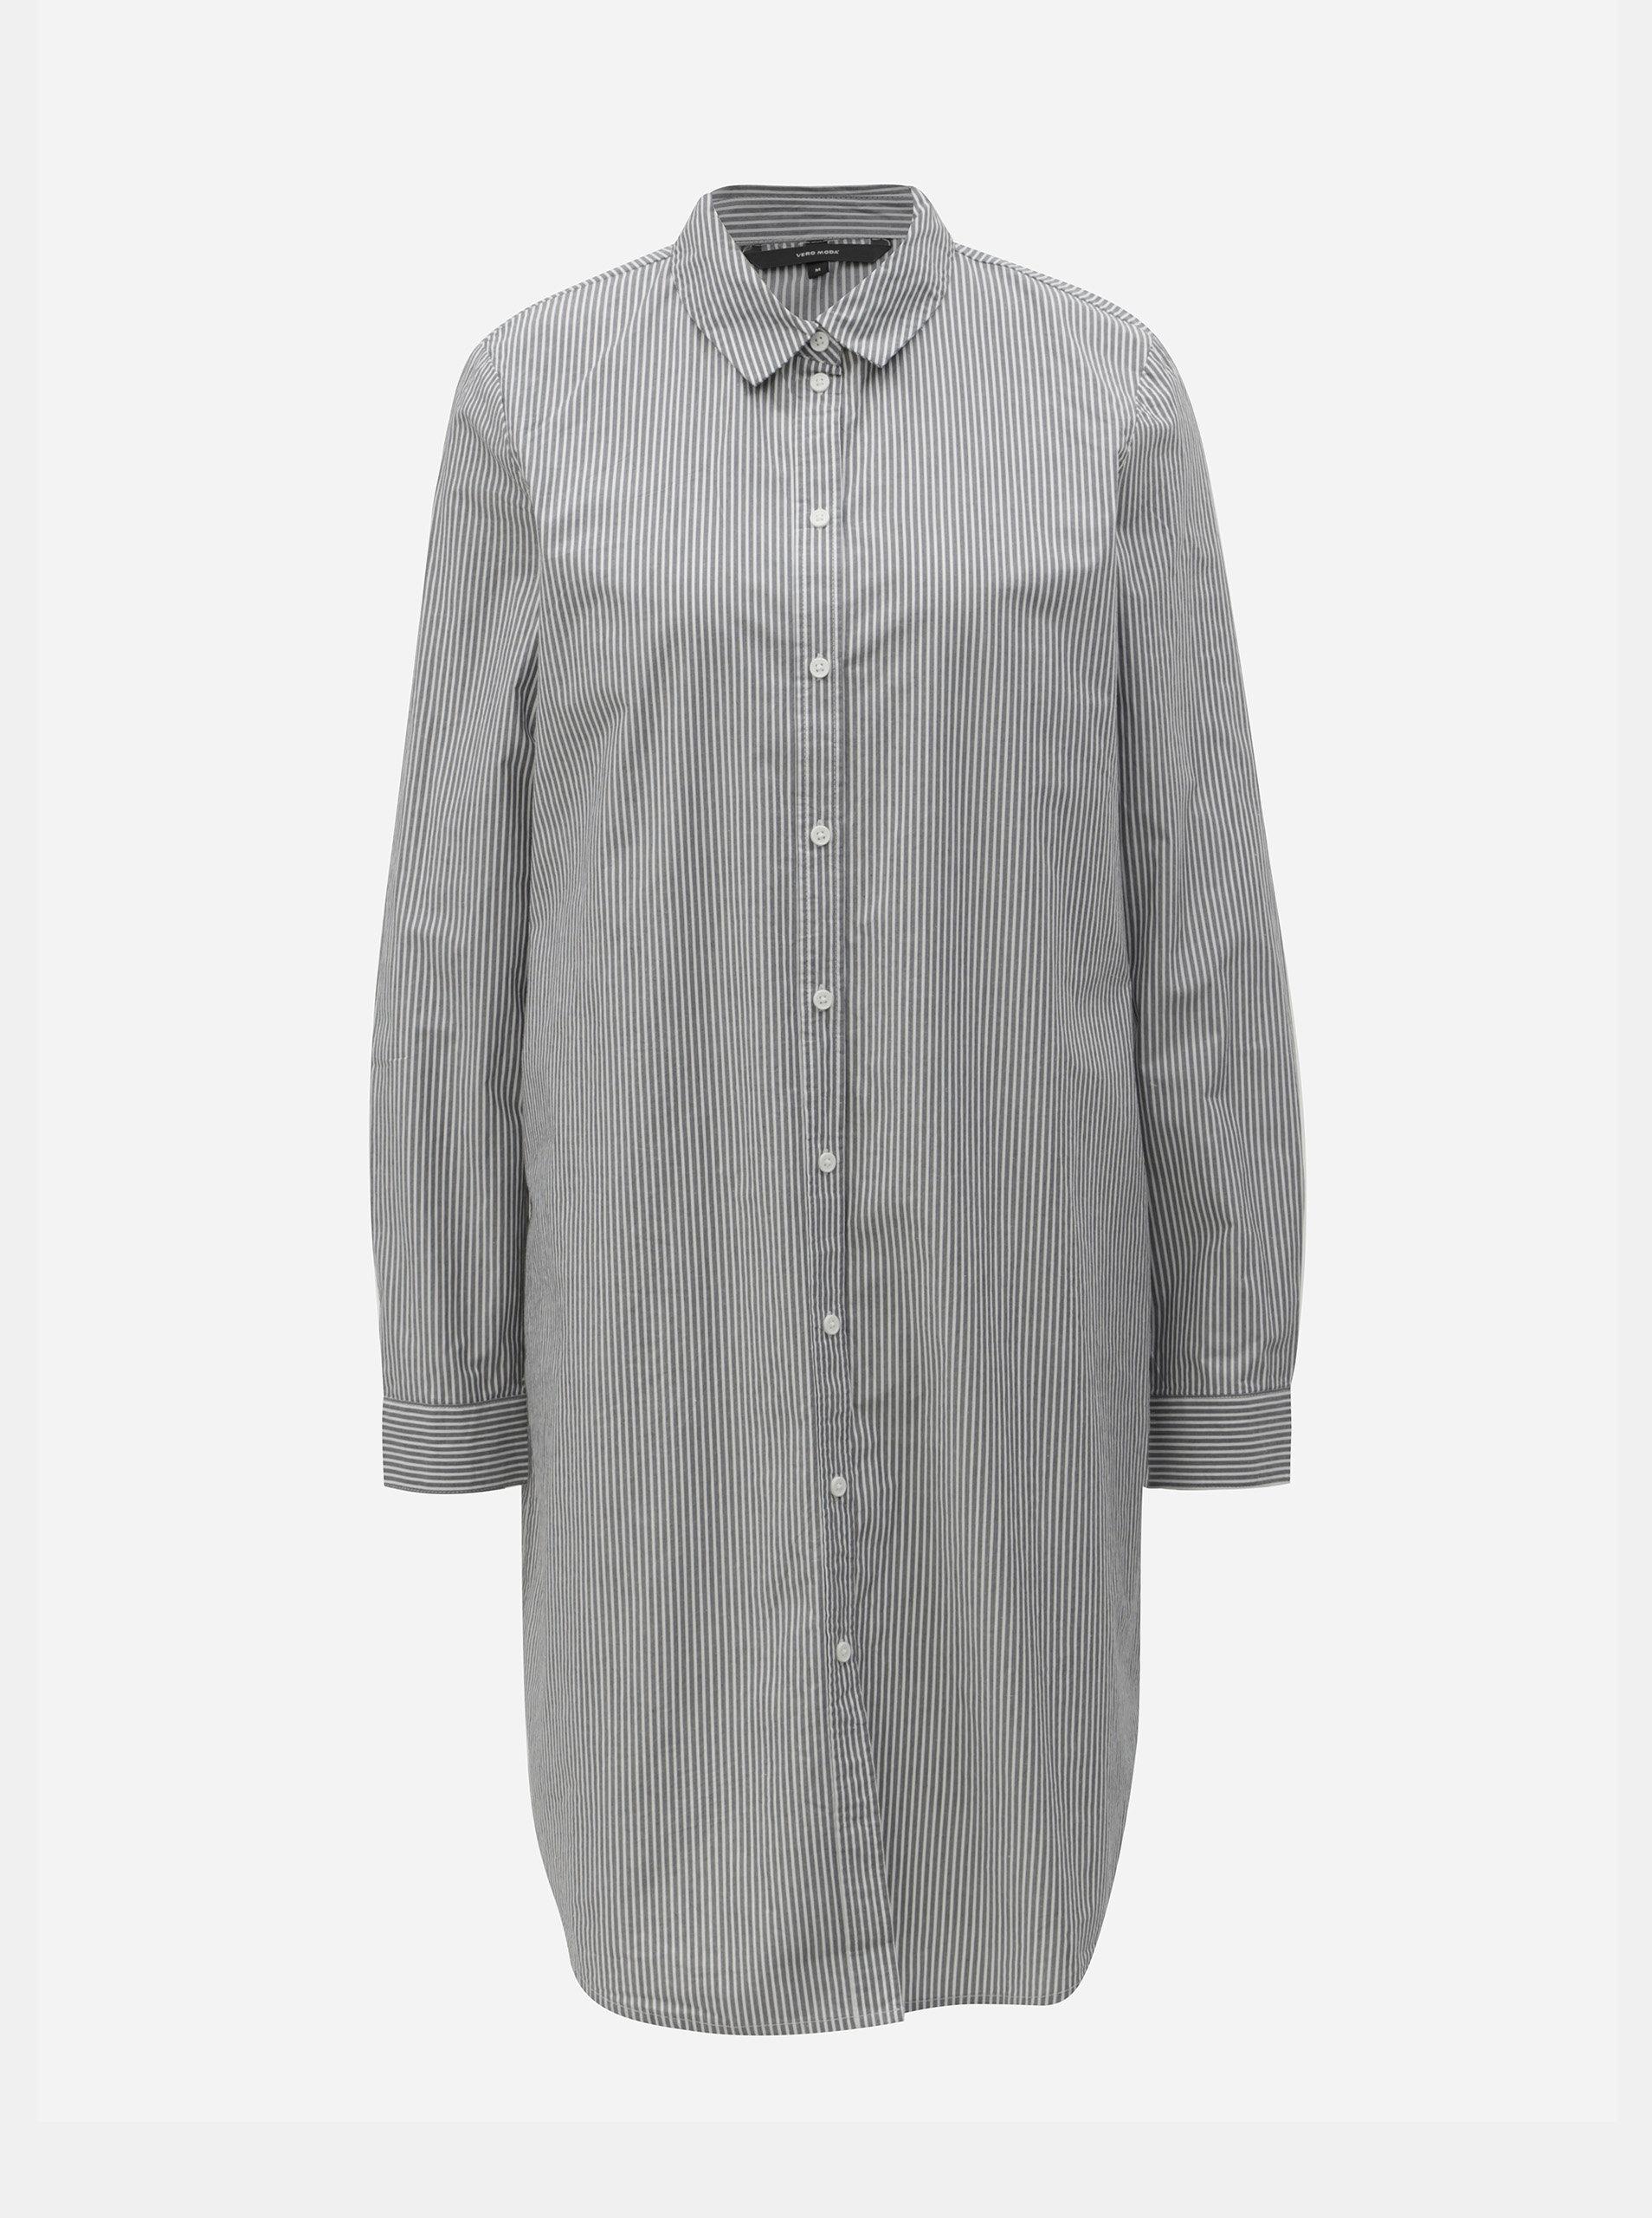 9db02b36c5f Bílo-šedé košilové pruhované šaty s páskem VERO MODA Silje ...